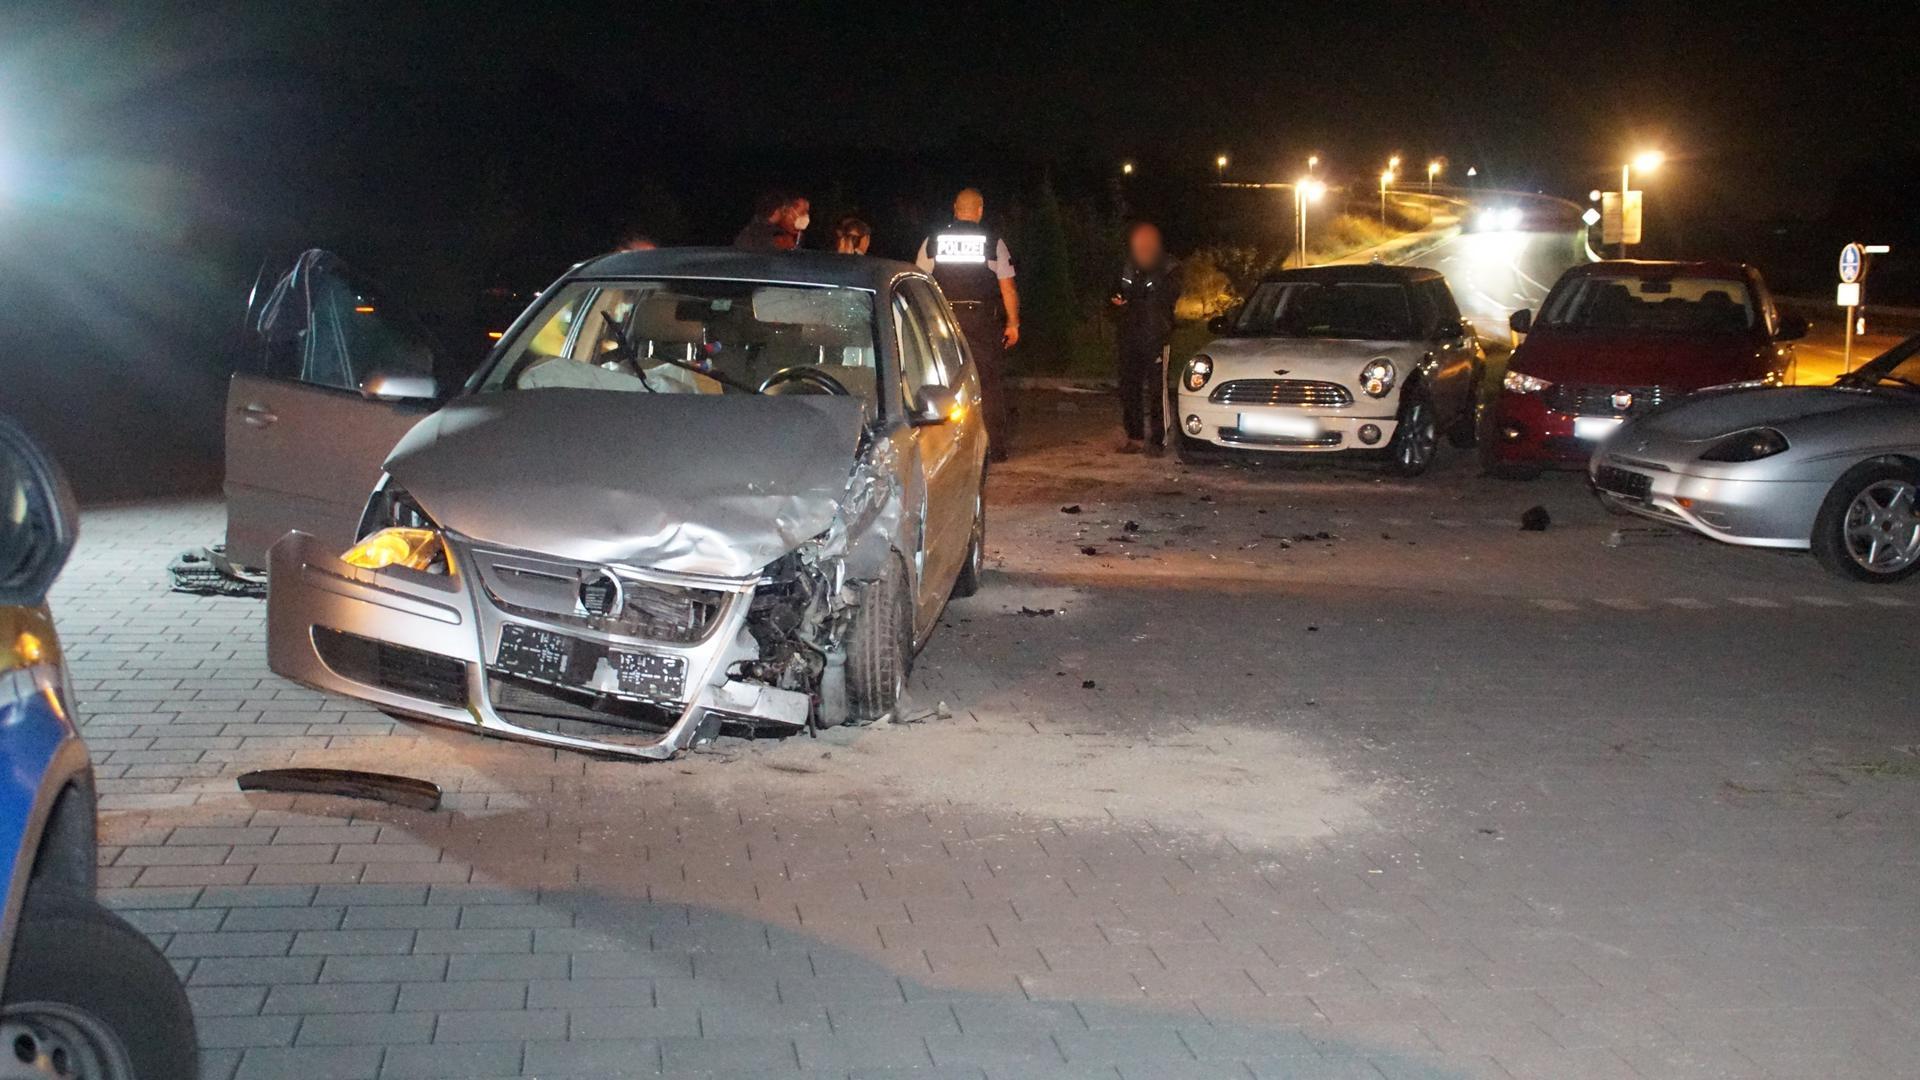 Bilanz des Unfalls: Drei beschädigte Fahrzeuge mit einem Schaden von insgesamt 20.000 Euro.